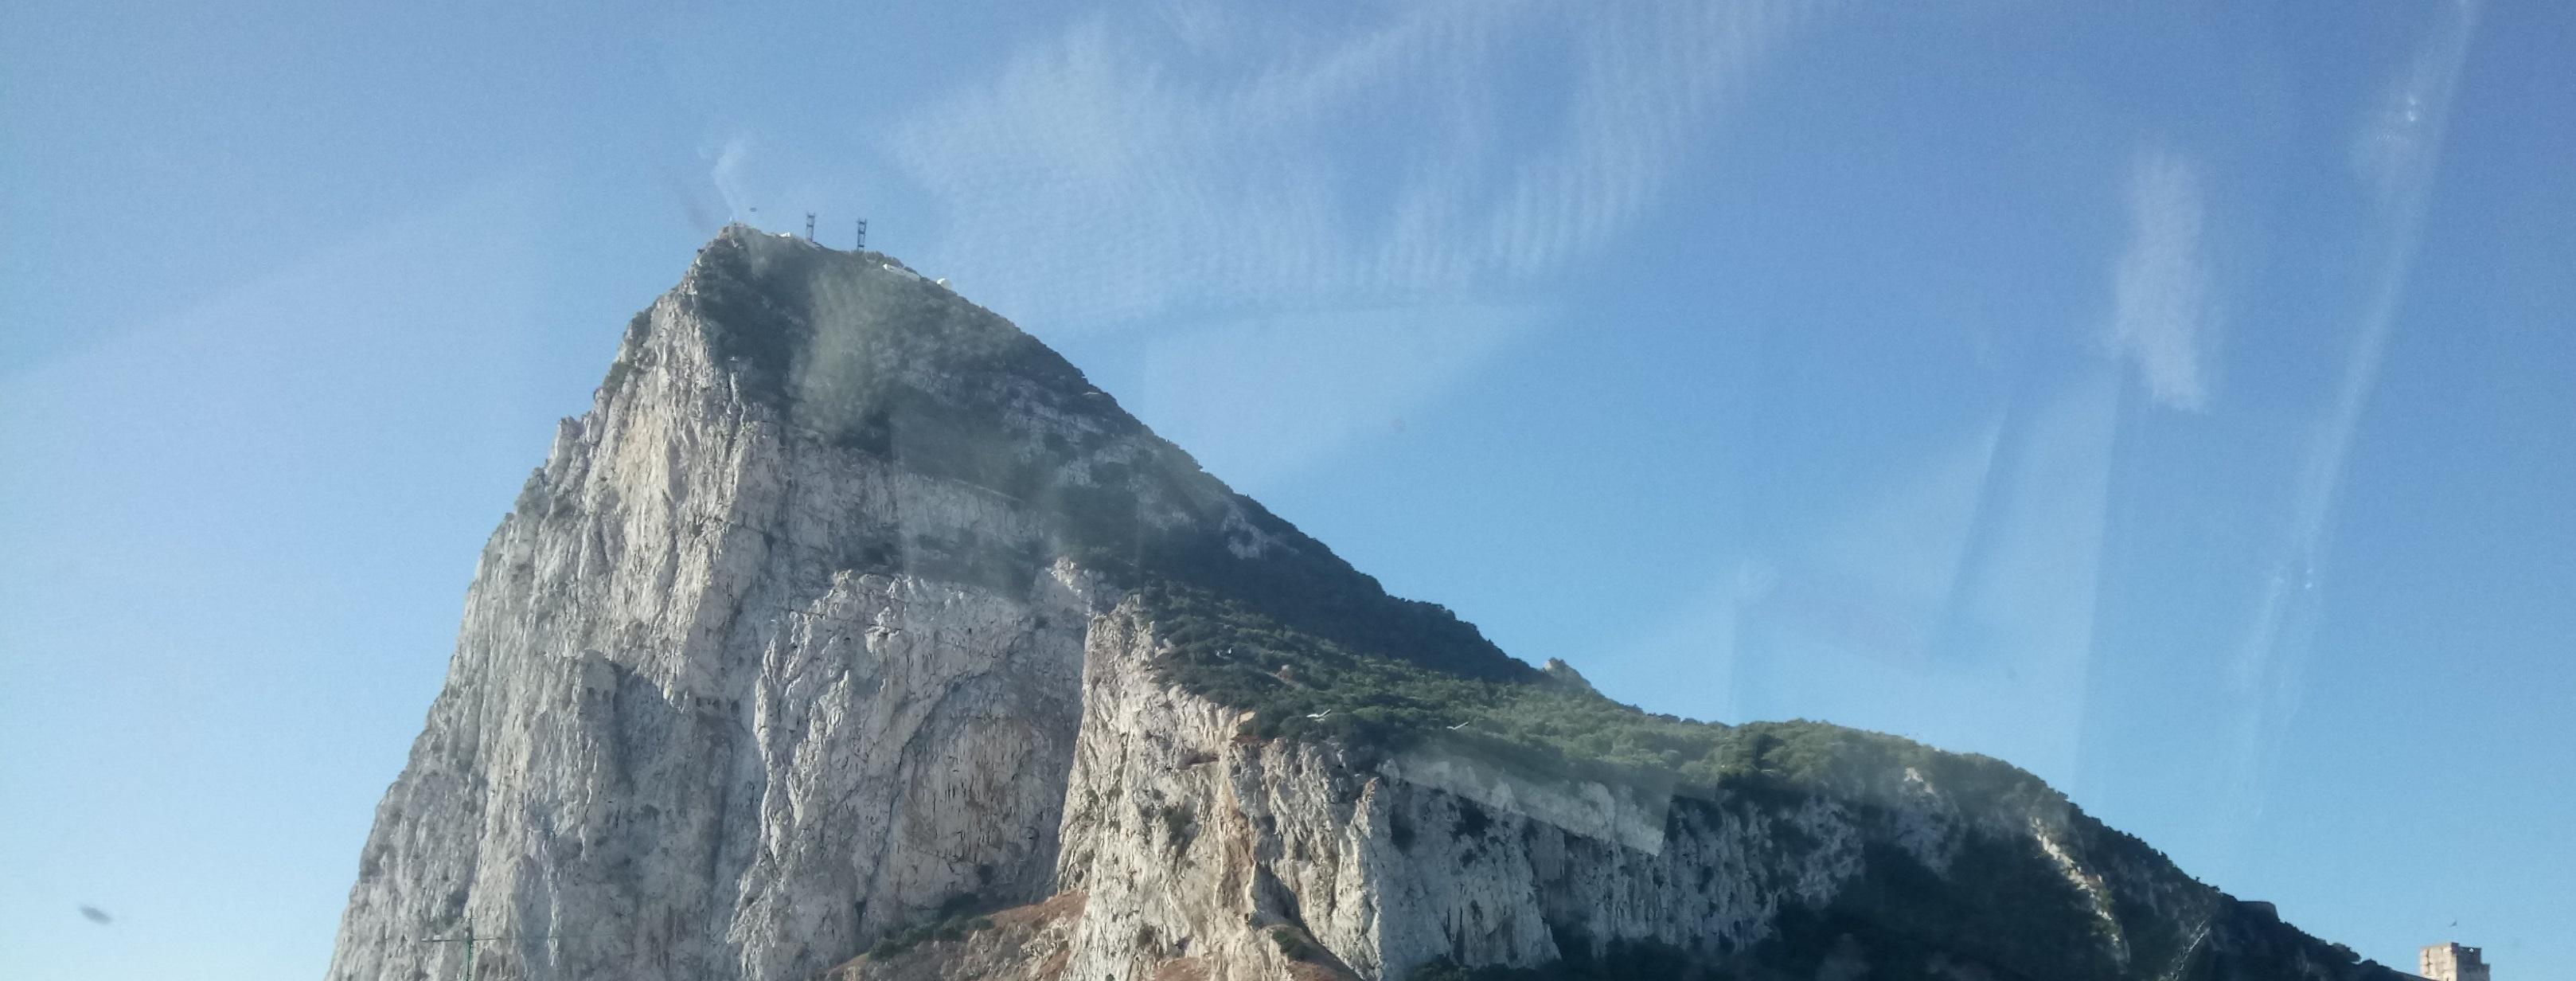 Gibraltar Klippe